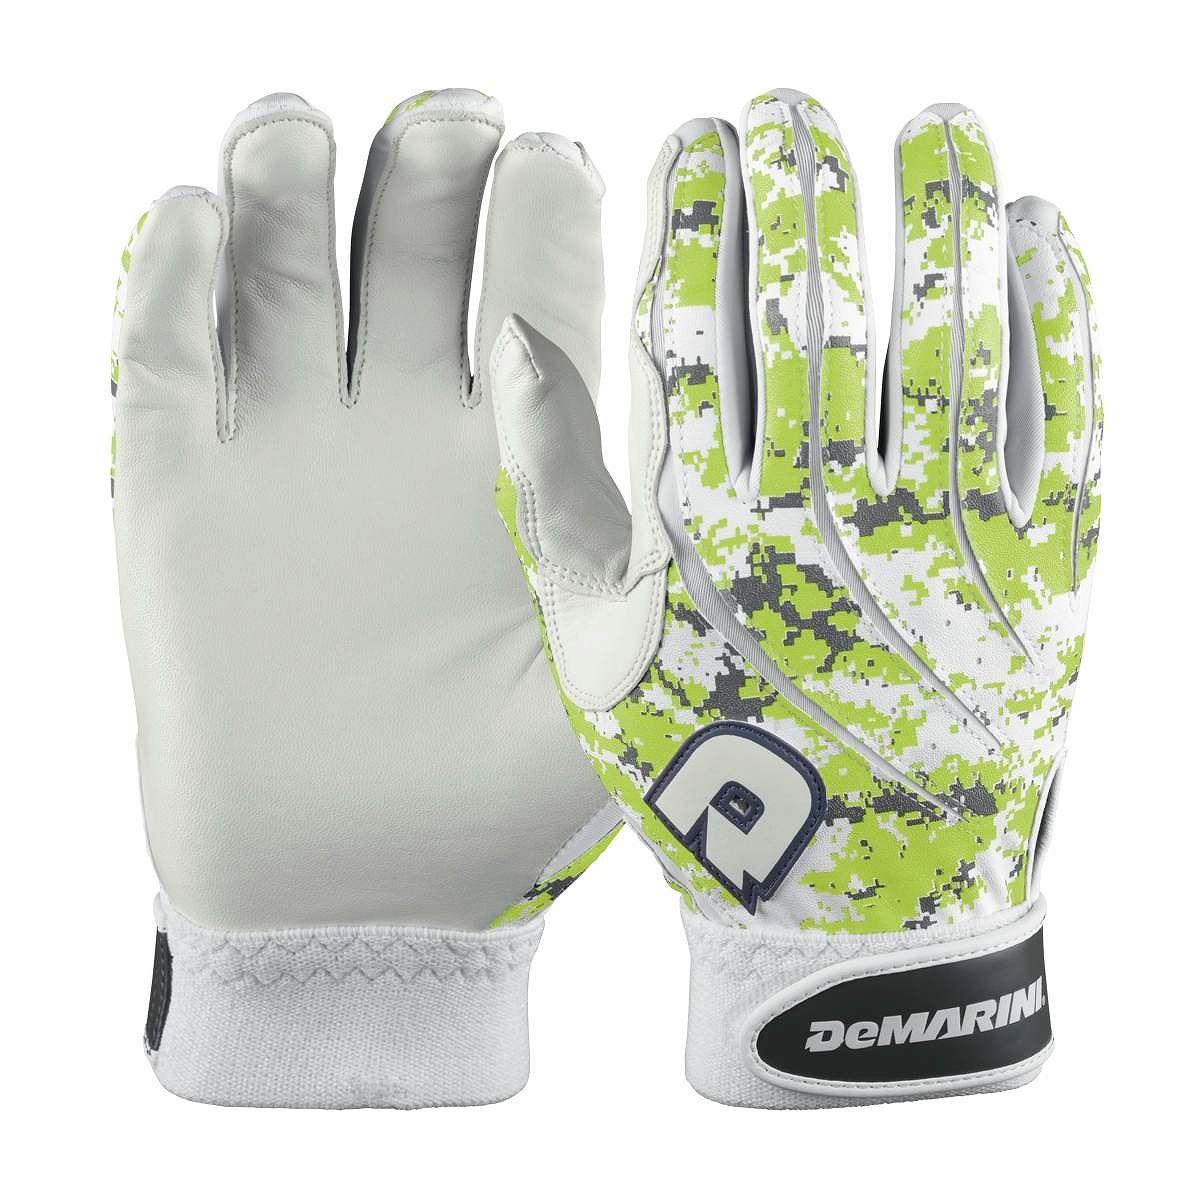 grip boost football gloves cheap